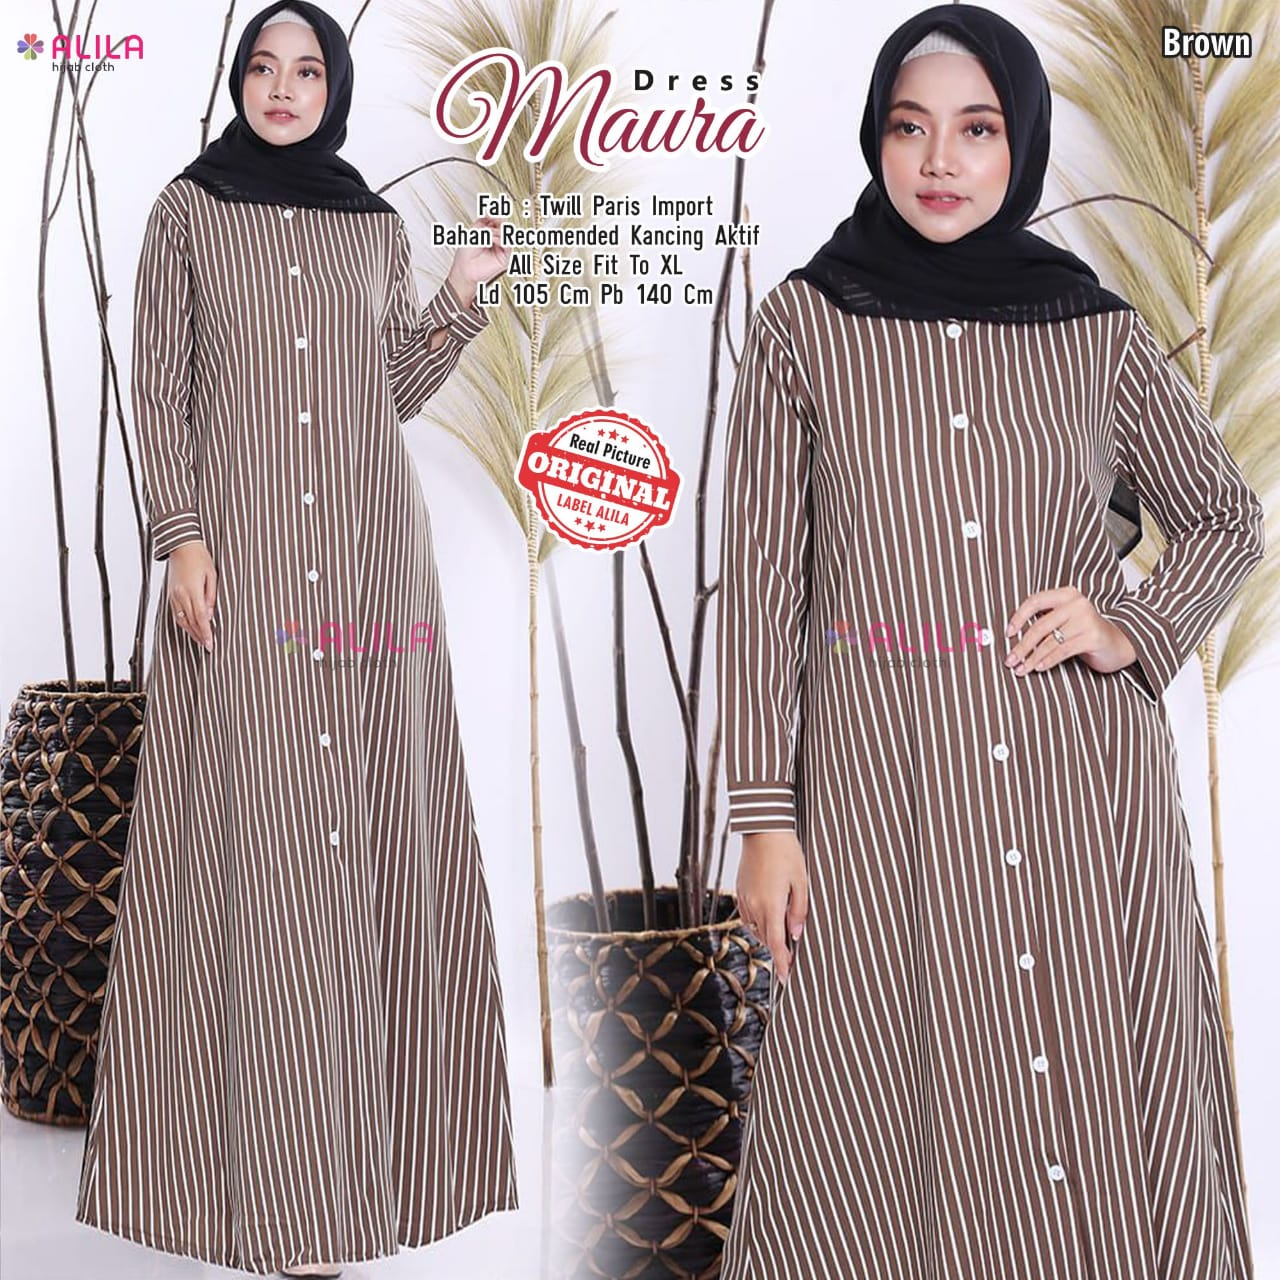 Dress Maura Twill Paris Import Kancing Aktif  Model Gamis Terbaru 10  Untuk RemajaModel Baju dress Panjang EleganDress Baju Muslim Wanita